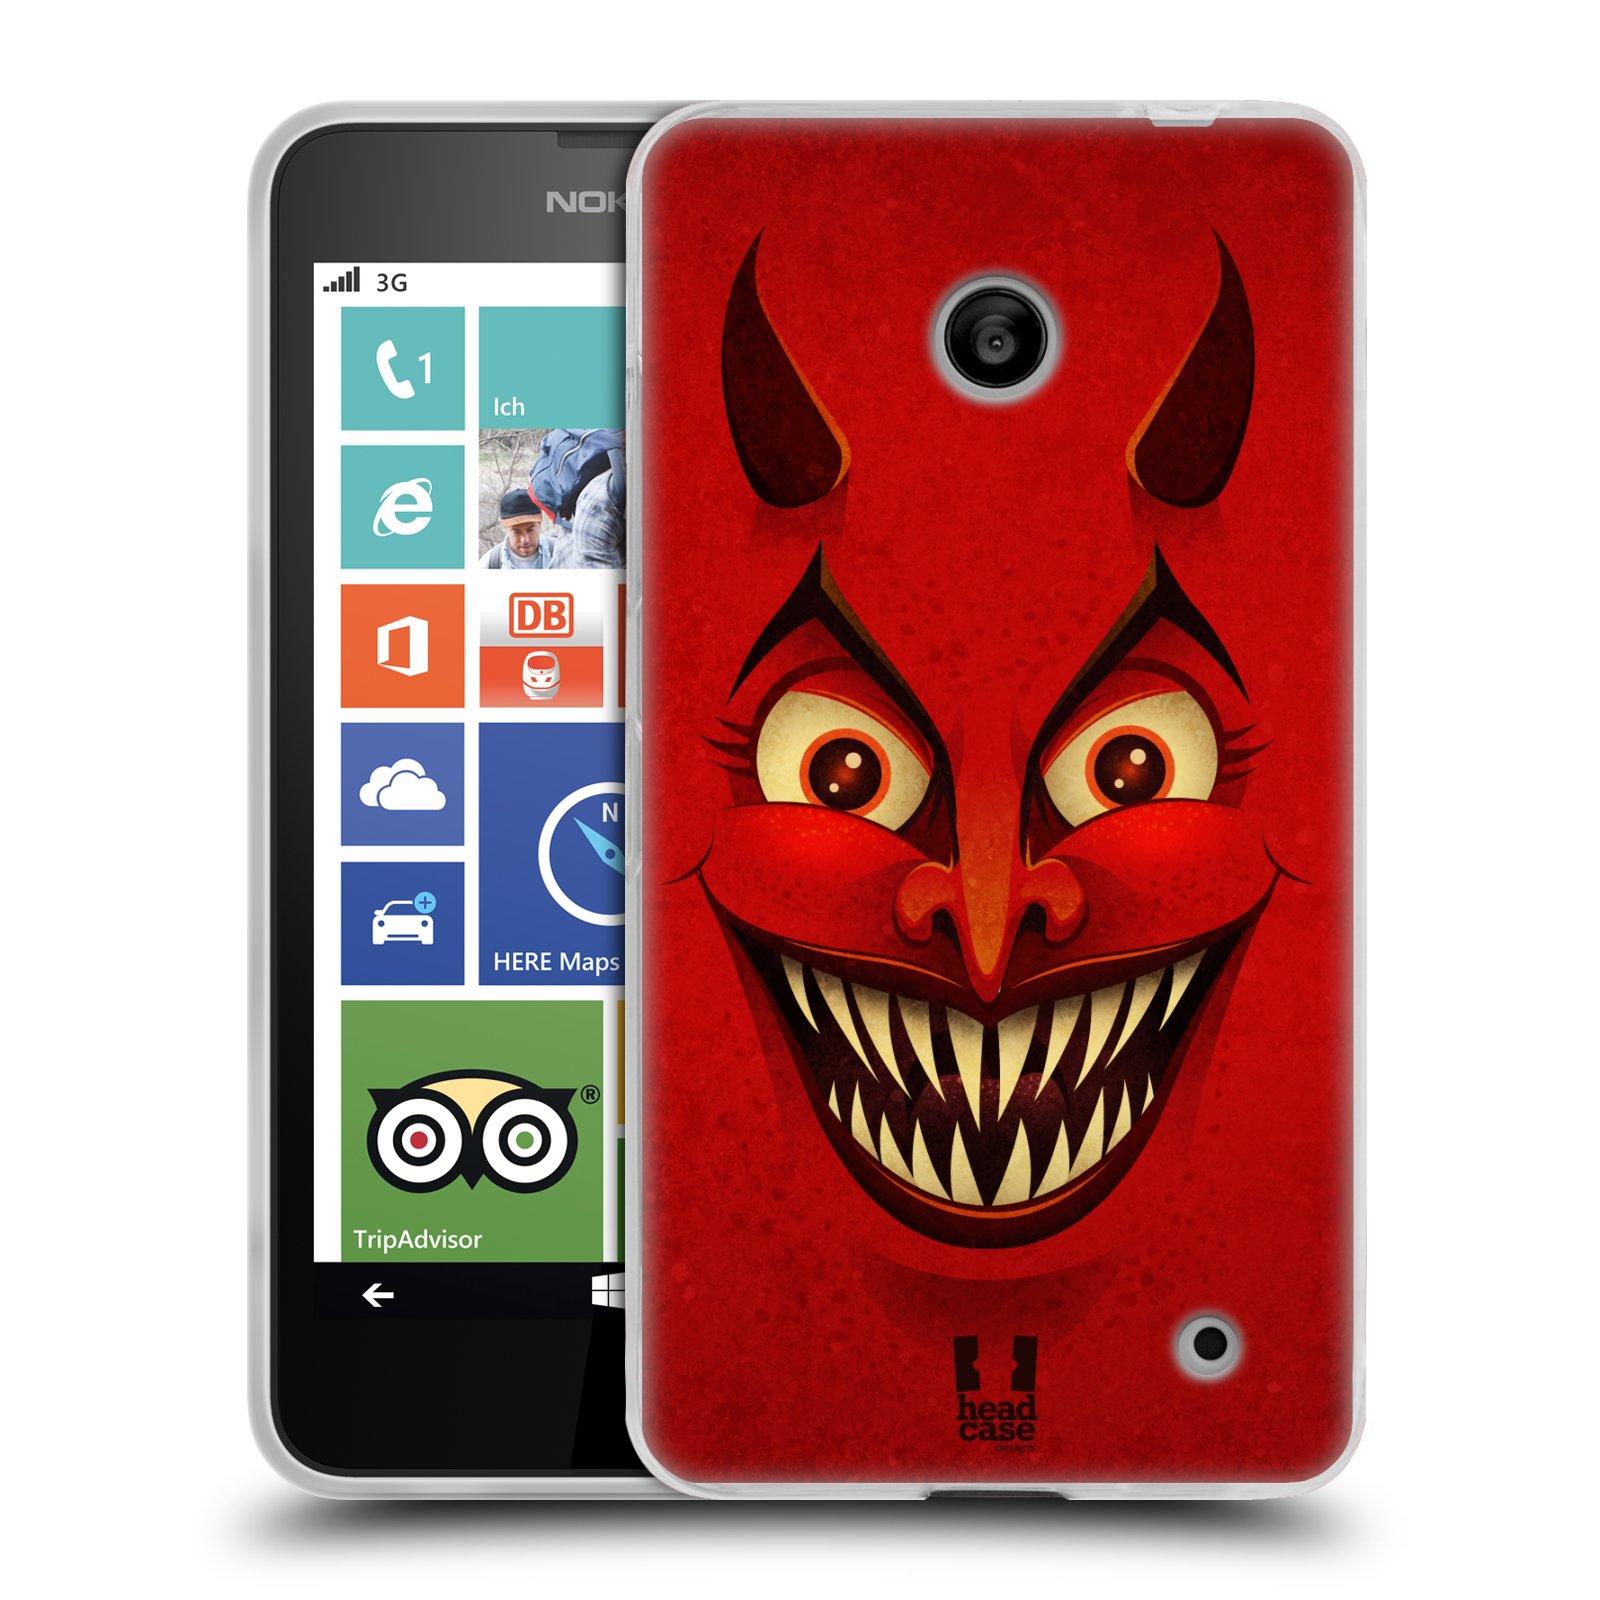 Silikonové pouzdro na mobil Nokia Lumia 630 HEAD CASE ČERT (Silikonový kryt či obal na mobilní telefon Nokia Lumia 630 a Nokia Lumia 630 Dual SIM)